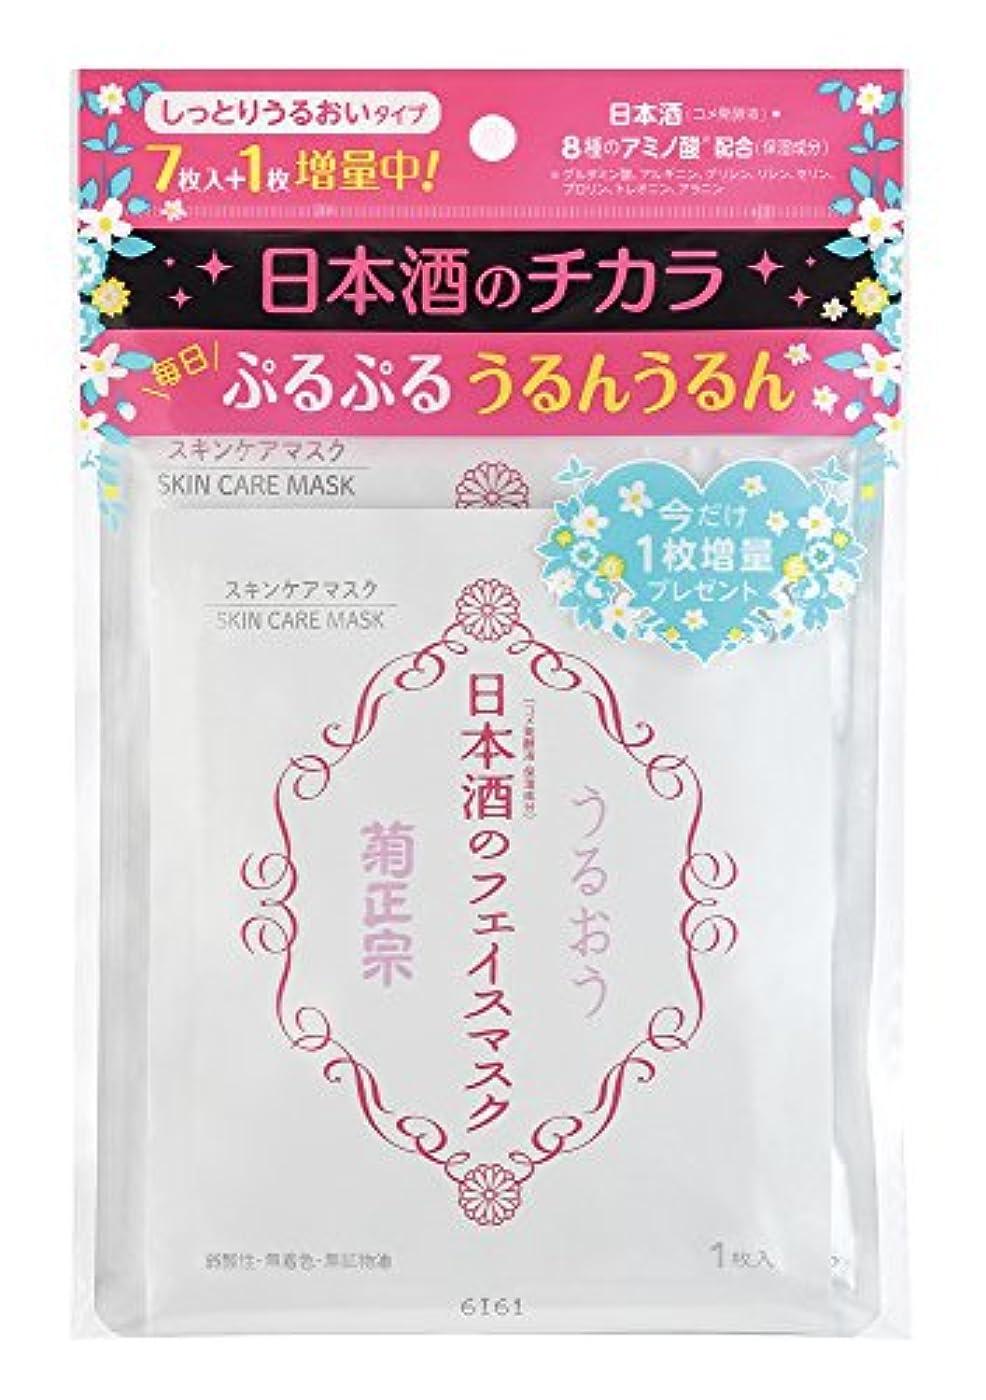 土器怪物青菊正宗 日本酒のフェイスマスク 8枚入 (7枚入+1枚増量セット)